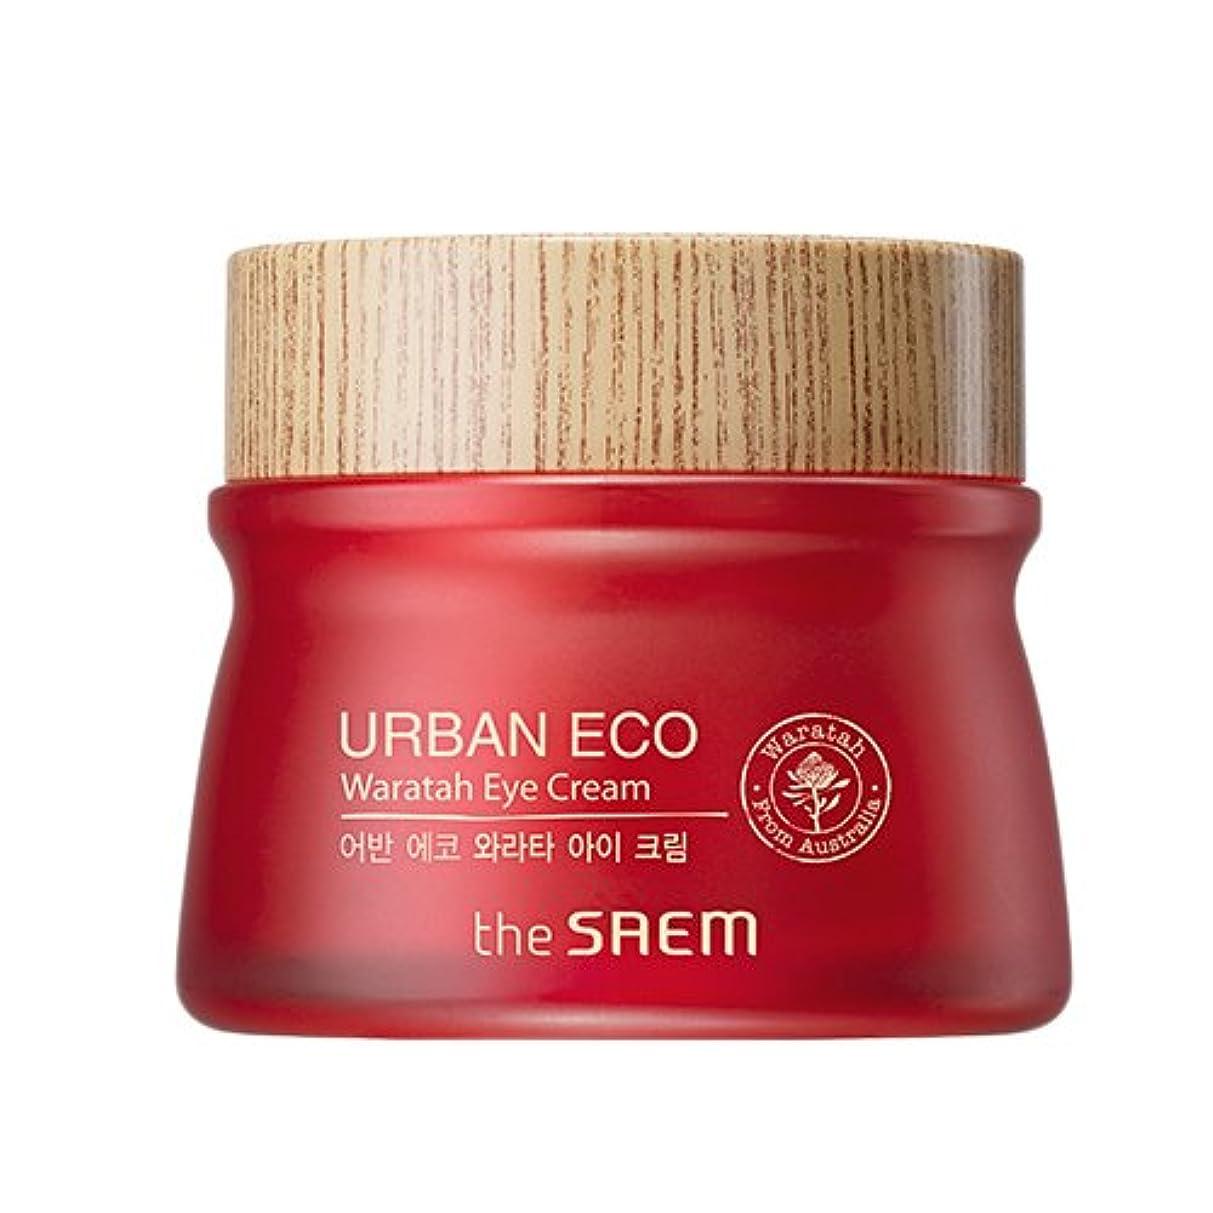 ブロック名前を作る以前はドセム アーバンエコワラターアイクリーム 30ml Urban Eco Waratah Eye Cream [並行輸入品]